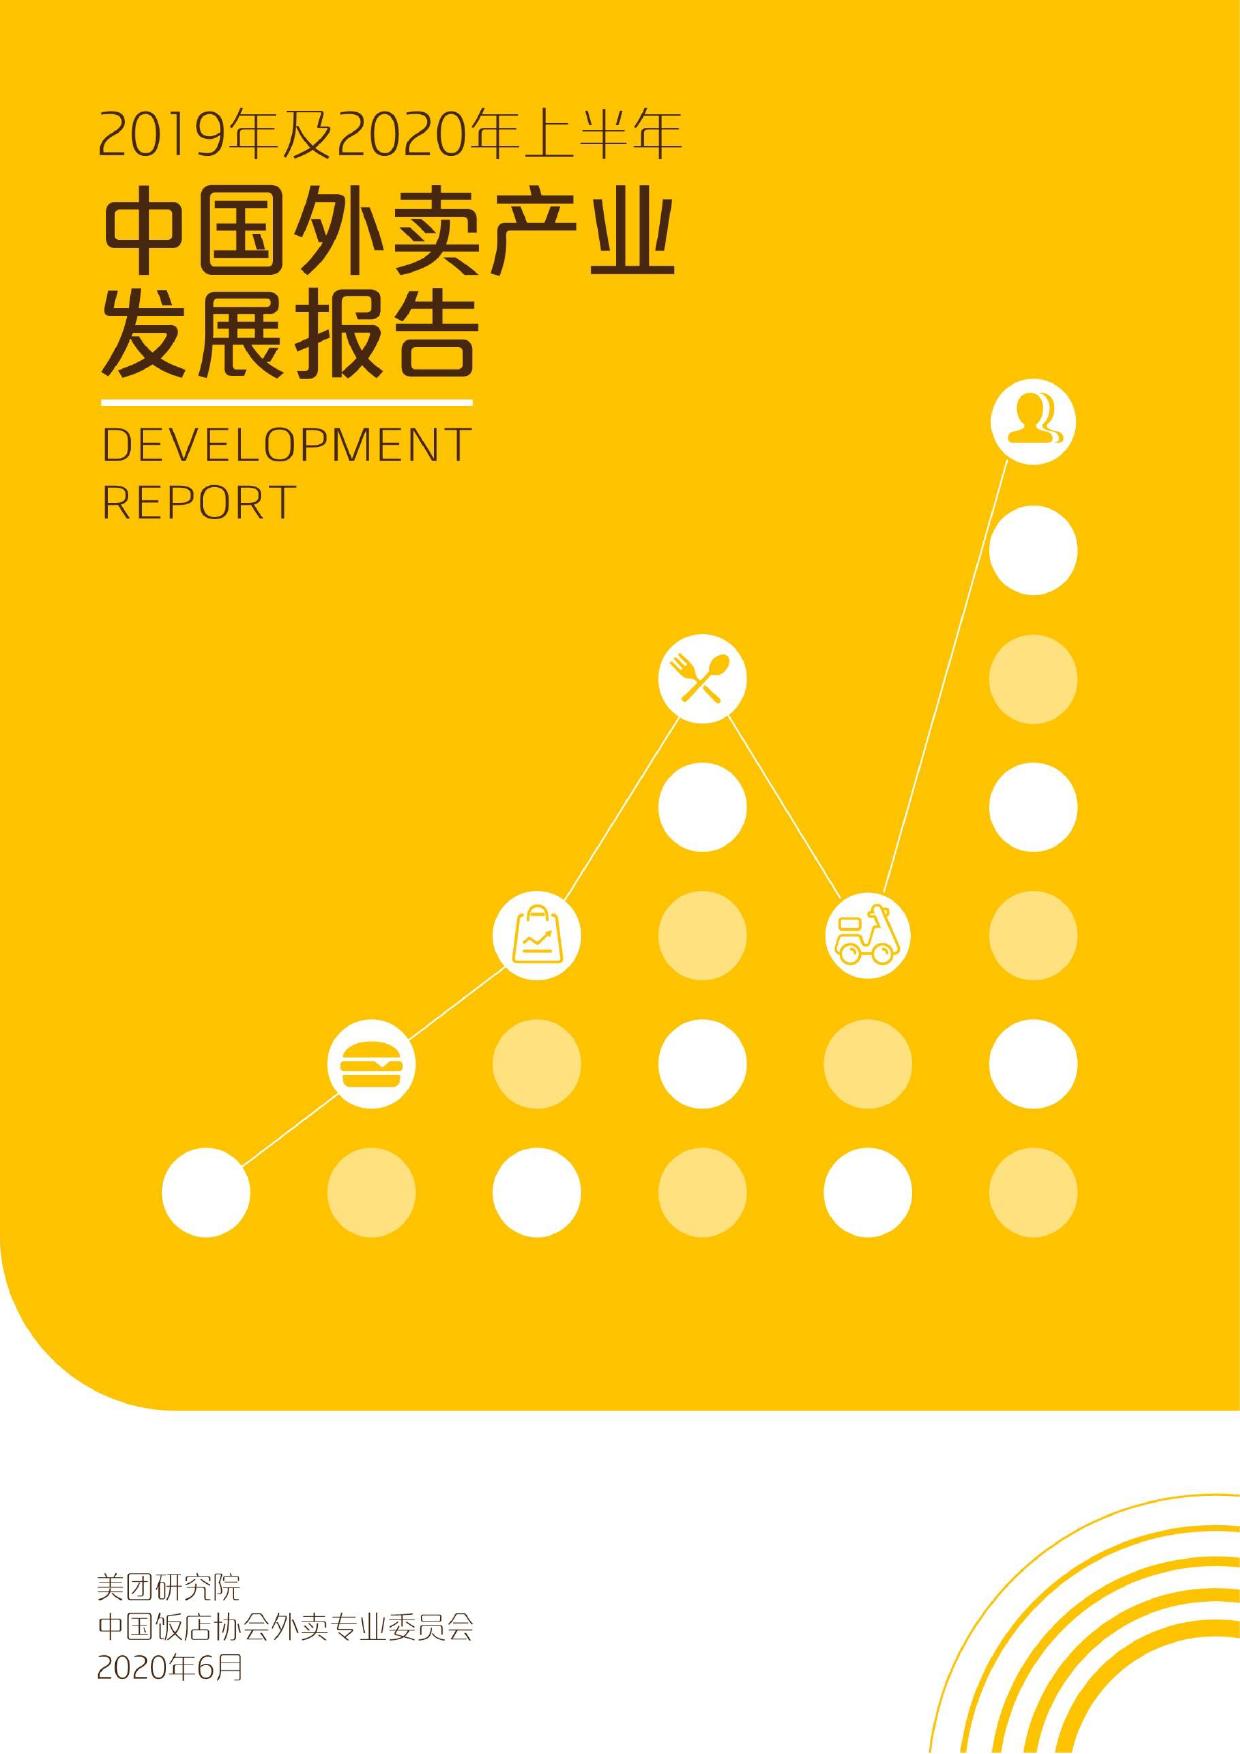 美团研究院:2019年及2020年上半年中国外卖产业发展报告(附下载)